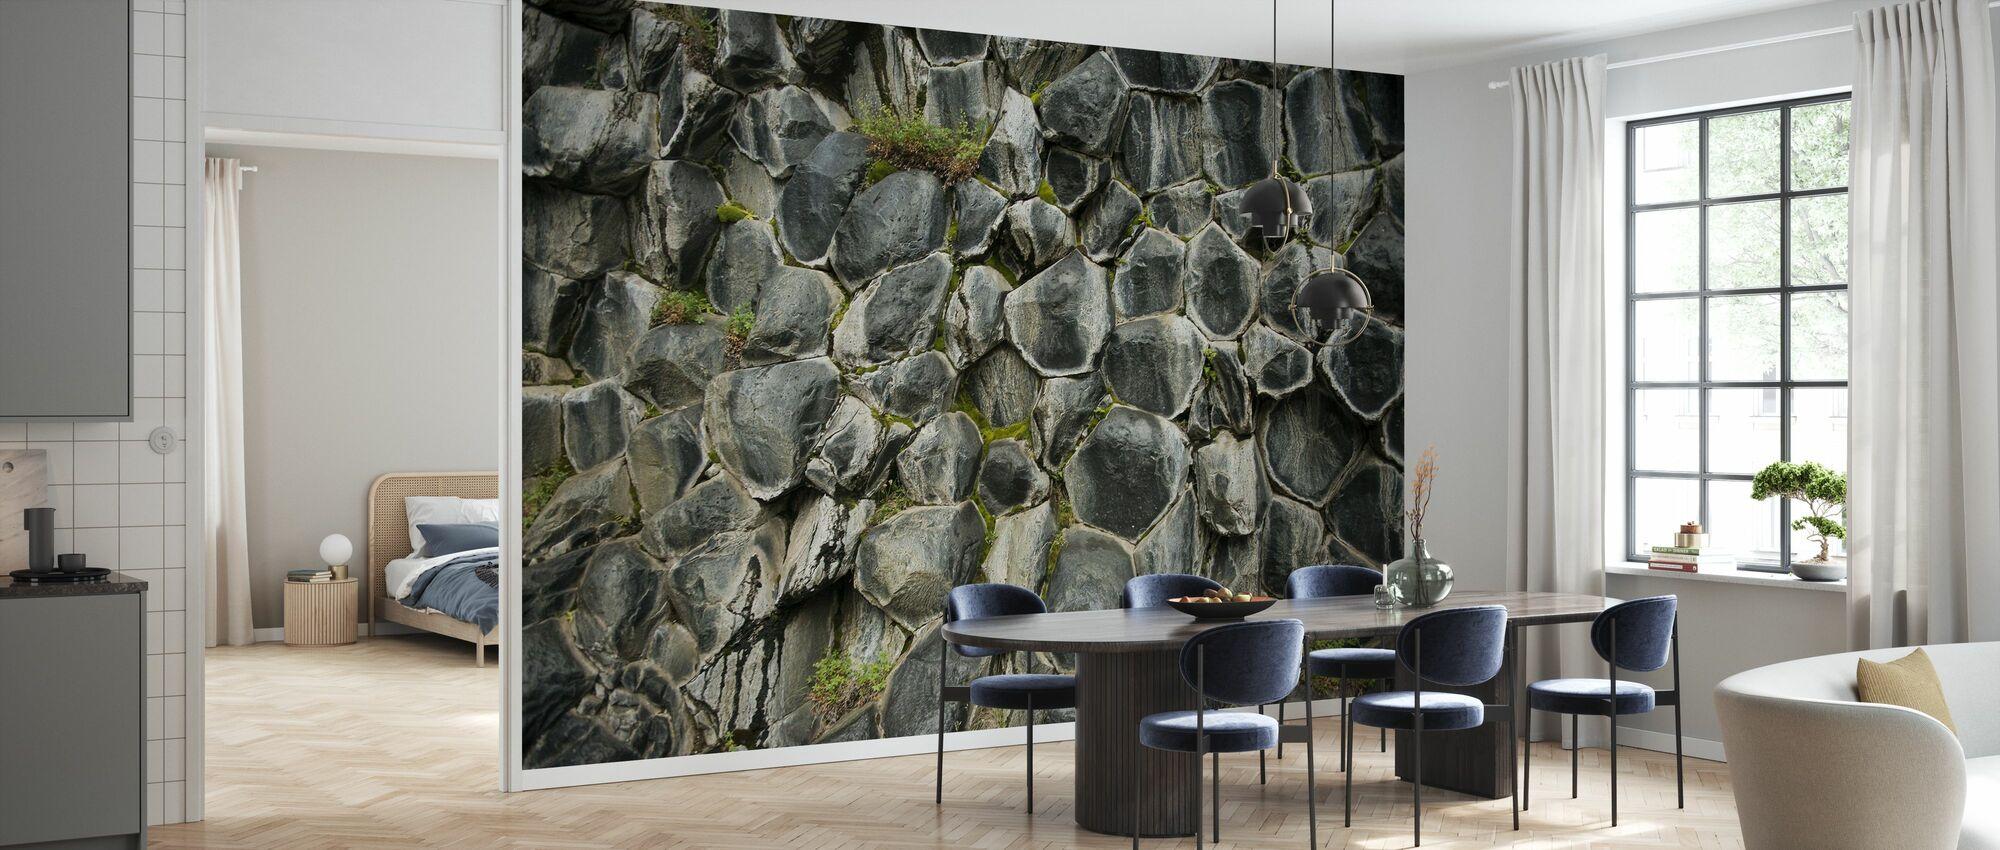 Honeycomb mønstrede Basalt kolonner - Tapet - Kjøkken